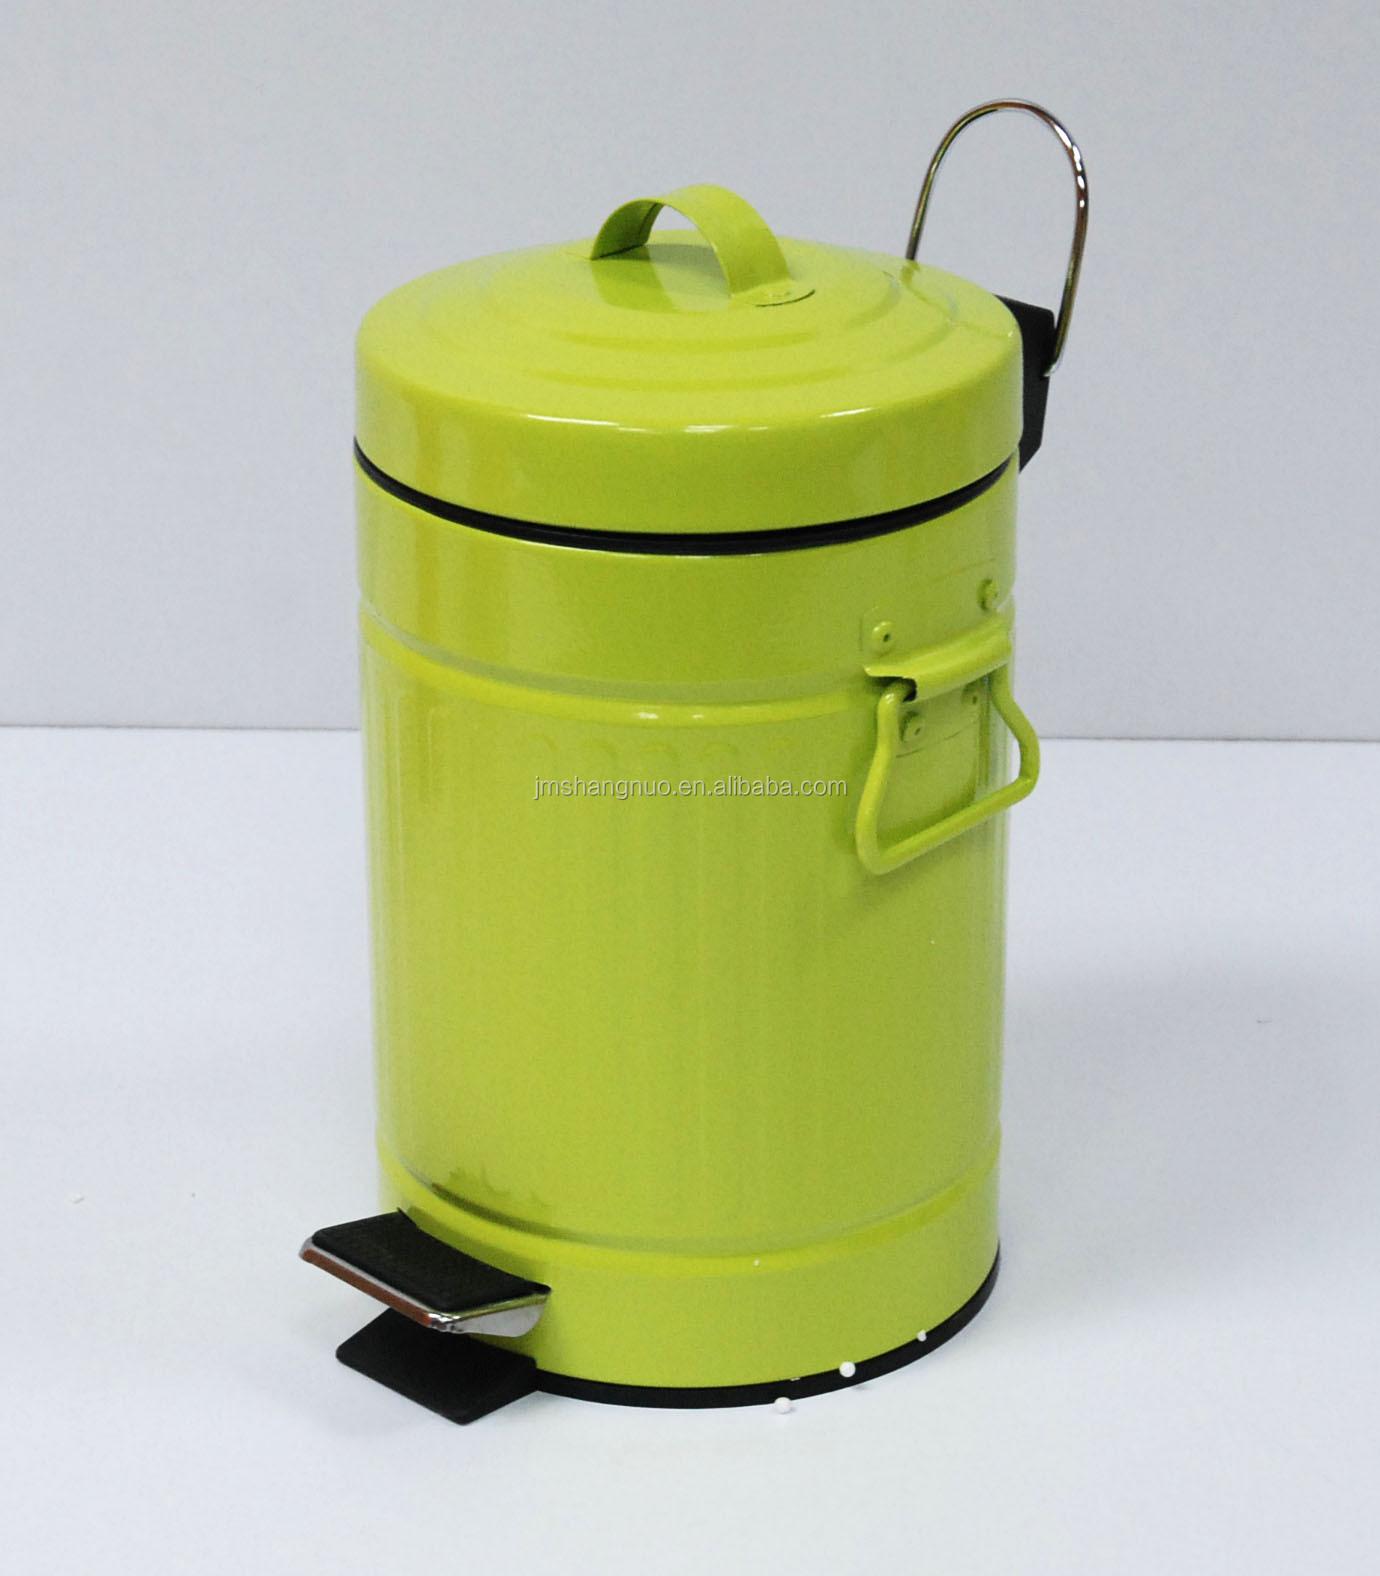 groene keuken afvalbak met deksel-afvalbakken-product-ID ...